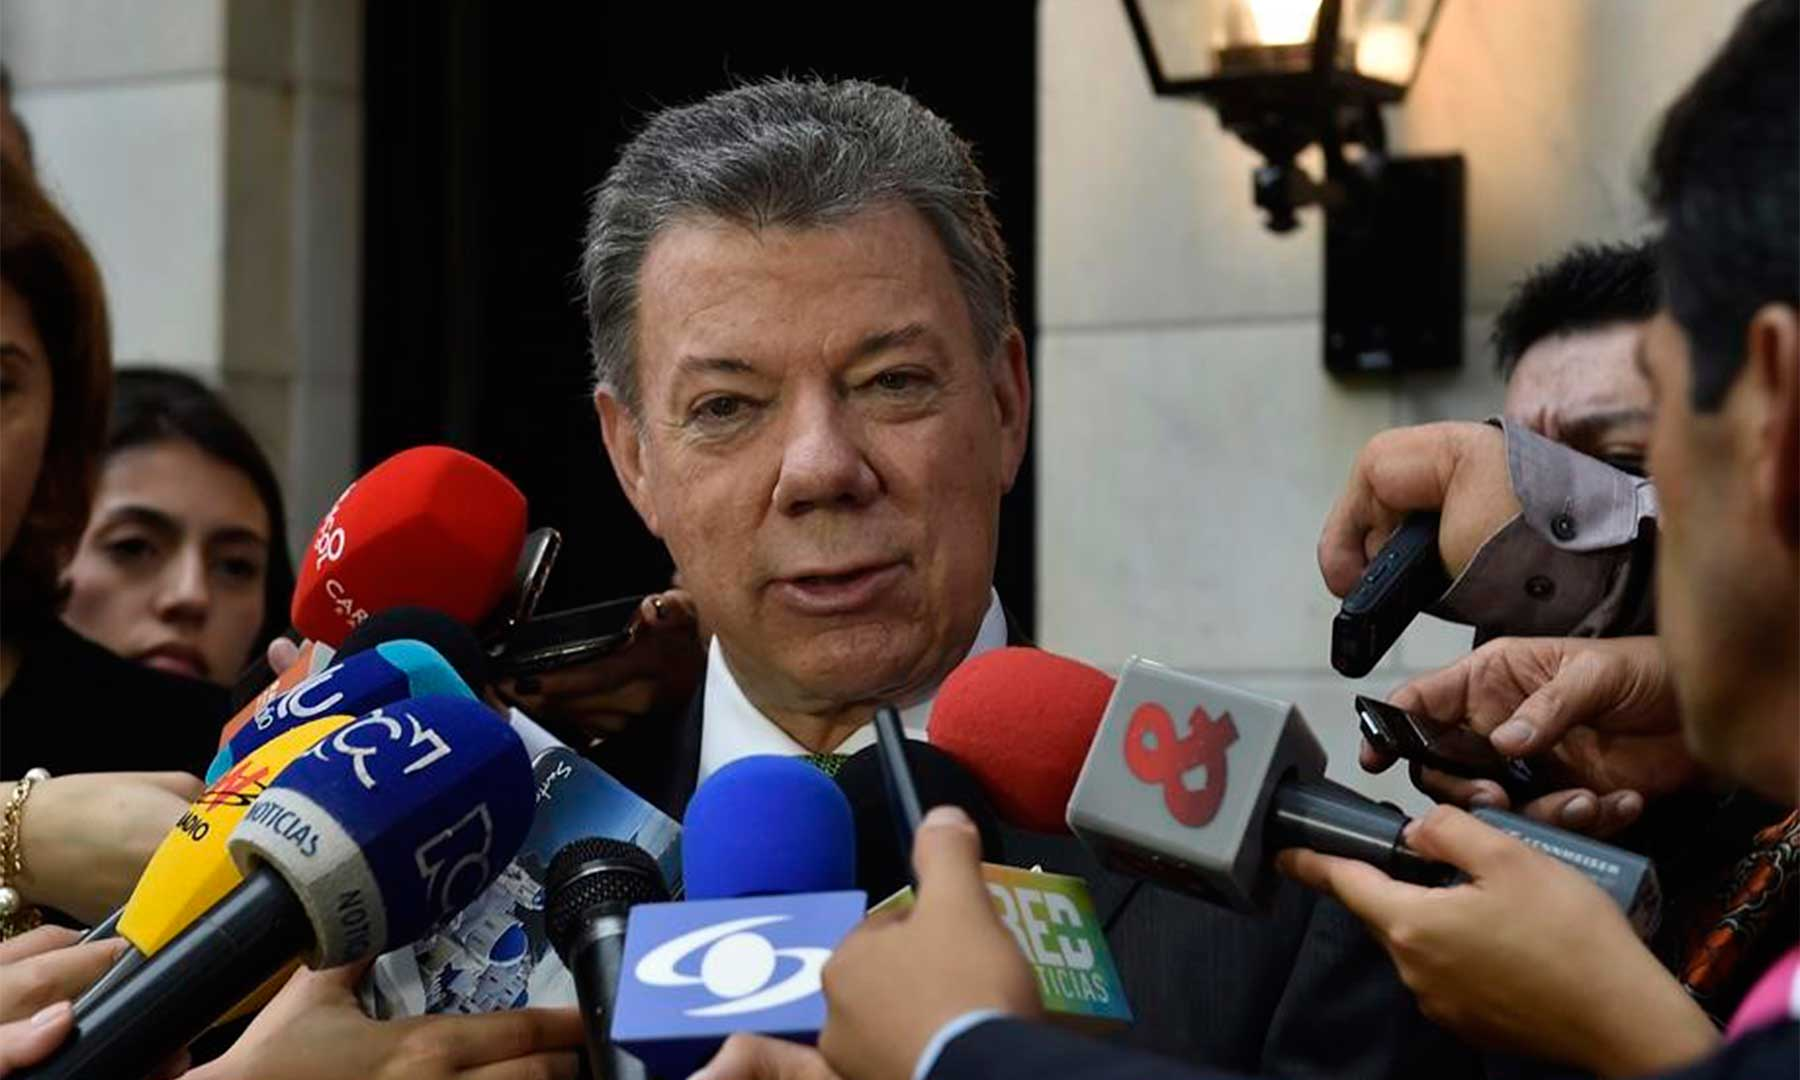 Hemos podido constatar que el mundo entero apoya Acuerdo Final de Paz, declaró el Presidente Santos